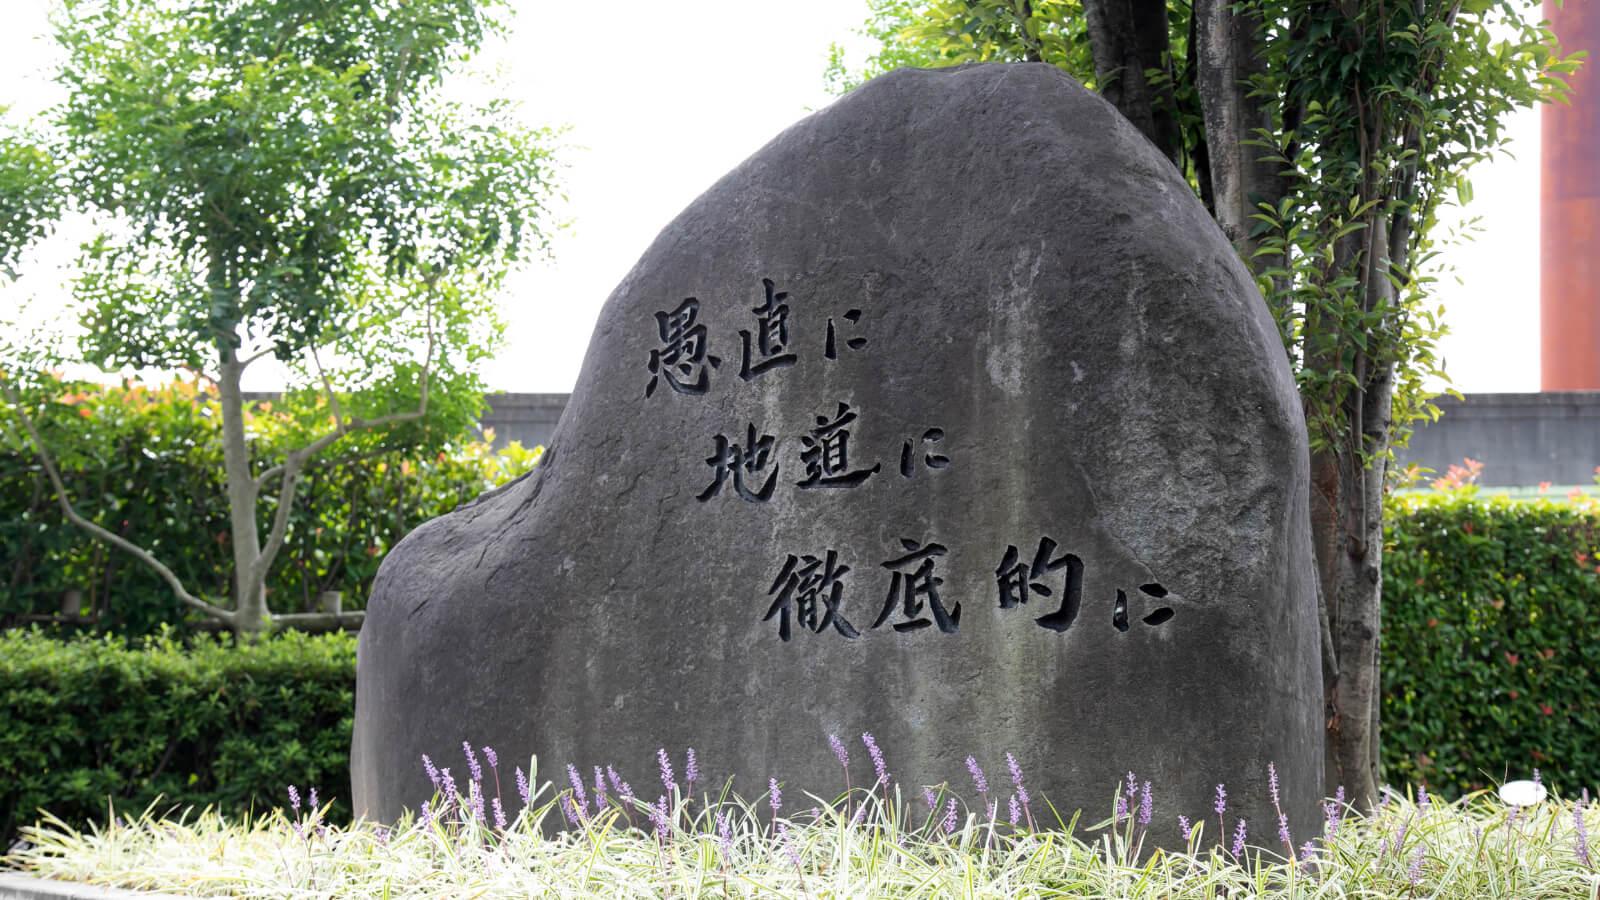 本館入口にある石碑